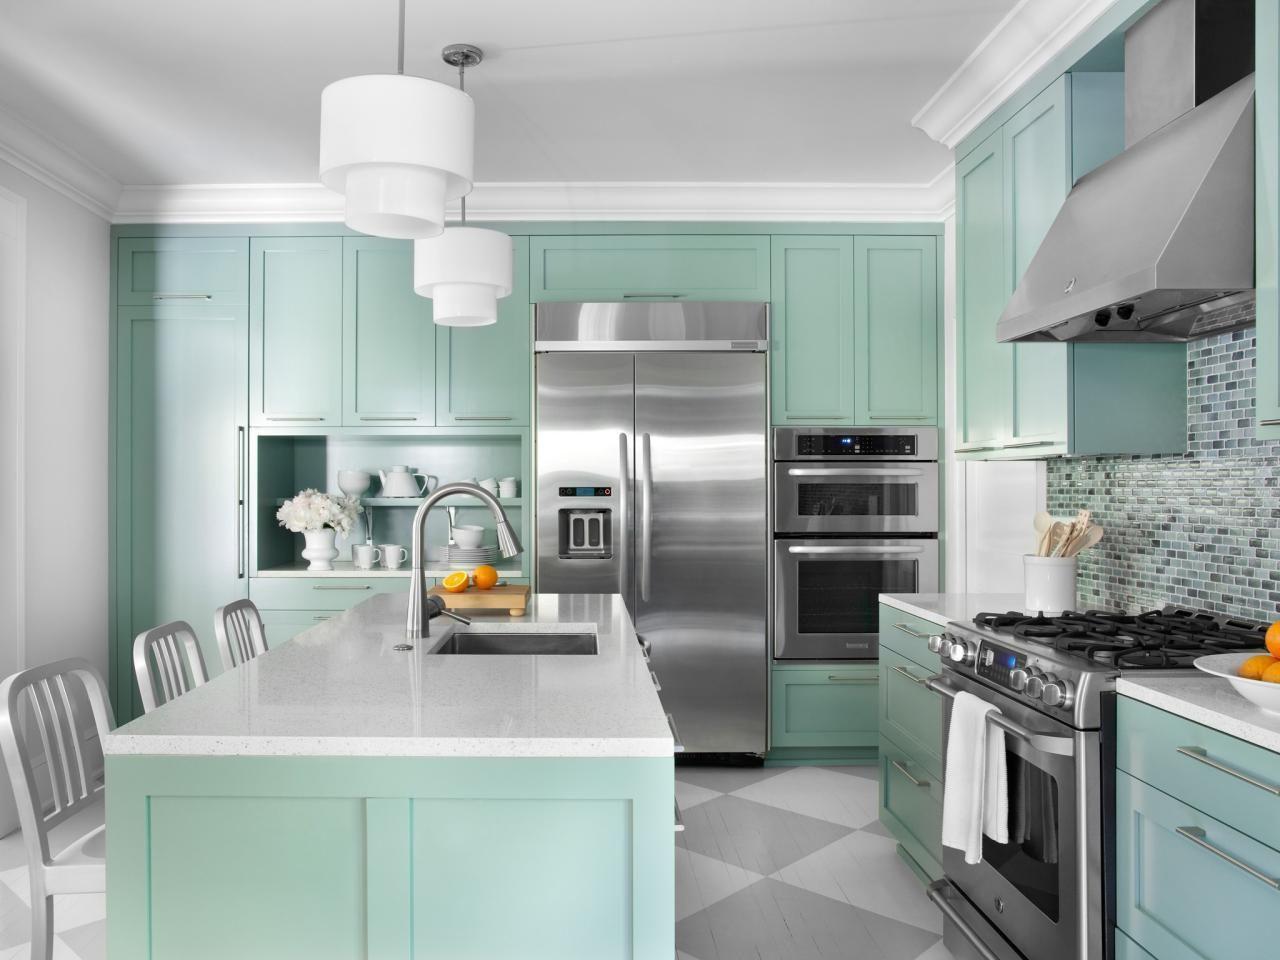 Pastel Painted Kitchen Cabinets Best Kitchen Gallery | Rachelxblog ...